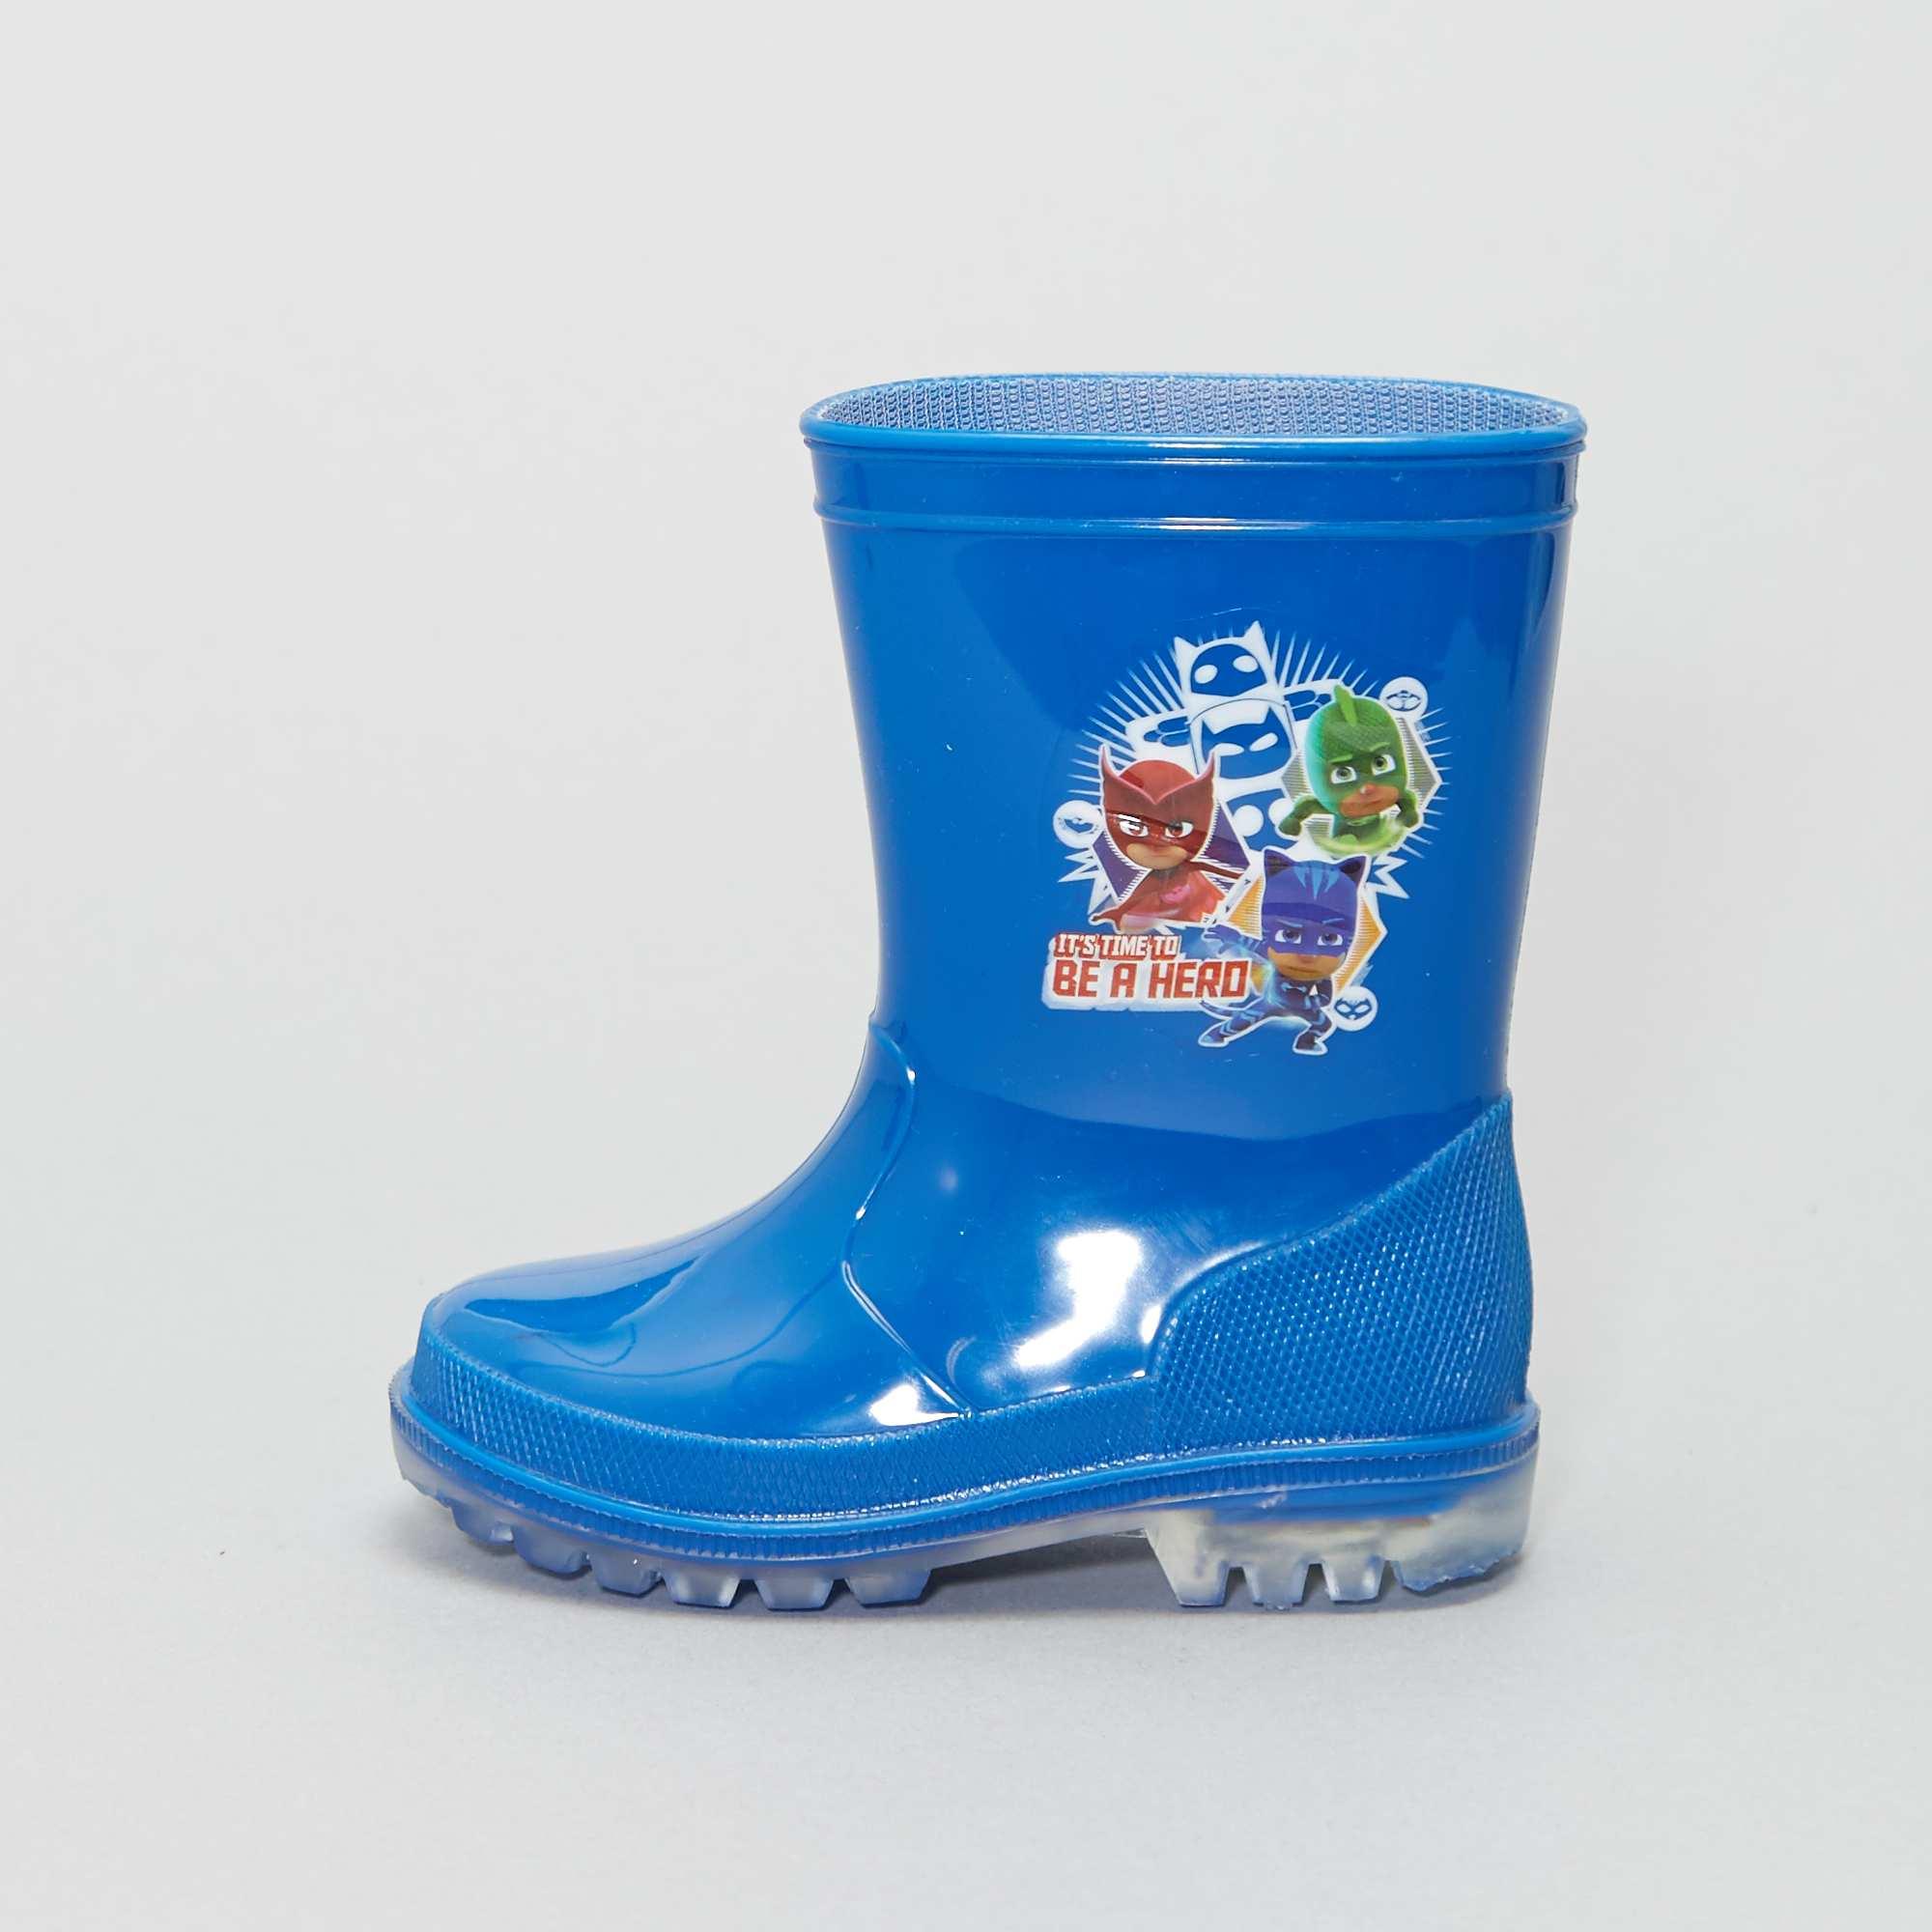 516dea48 Botas de agua luminosas 'PJ Masks' Bebé niño - azul - Kiabi - 9,00€